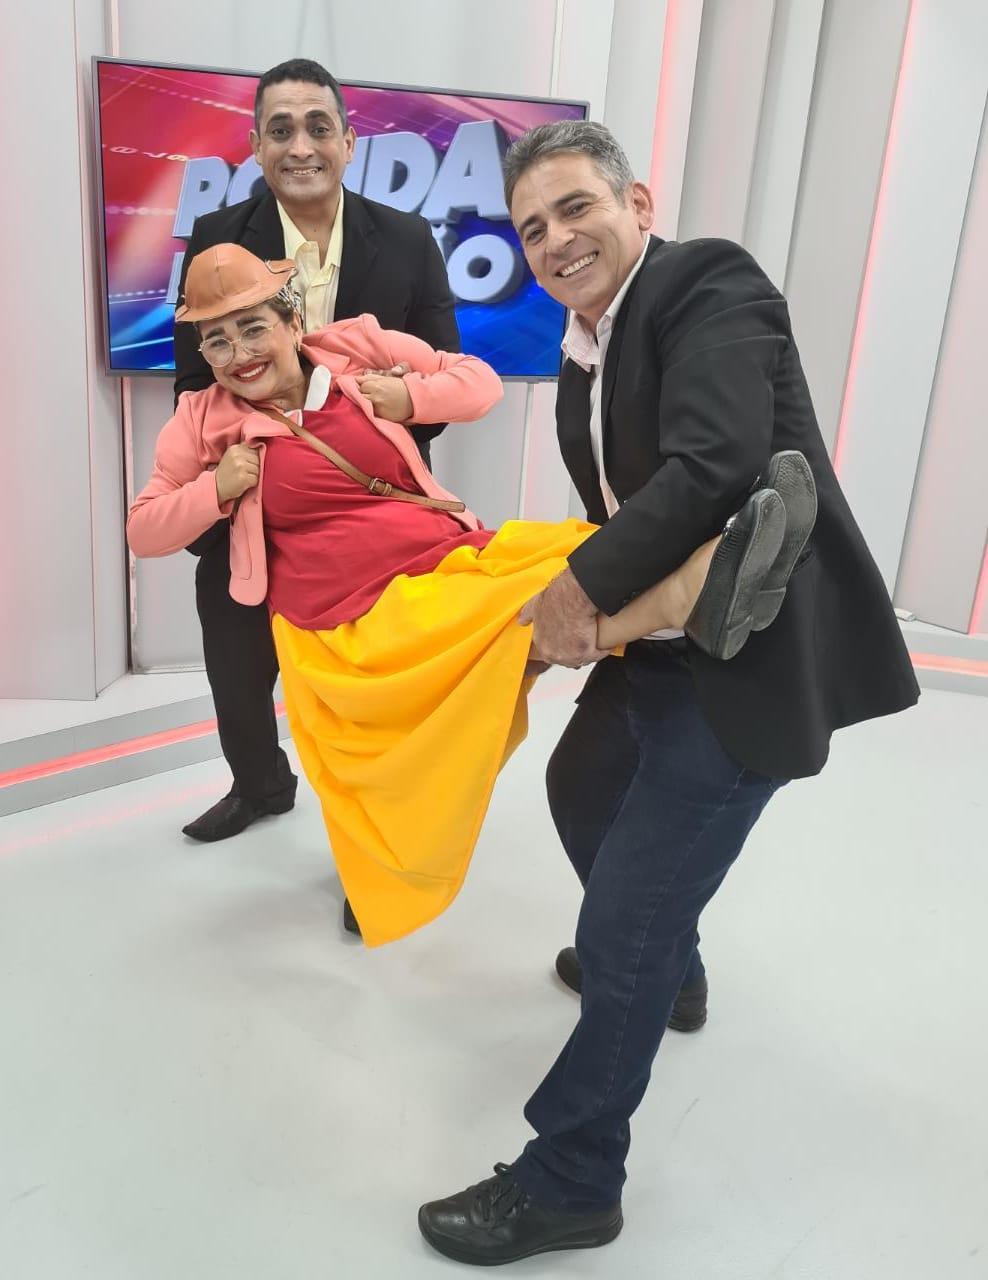 Pádua Araújo em dose dupla no Ronda. Veja! - Imagem 3